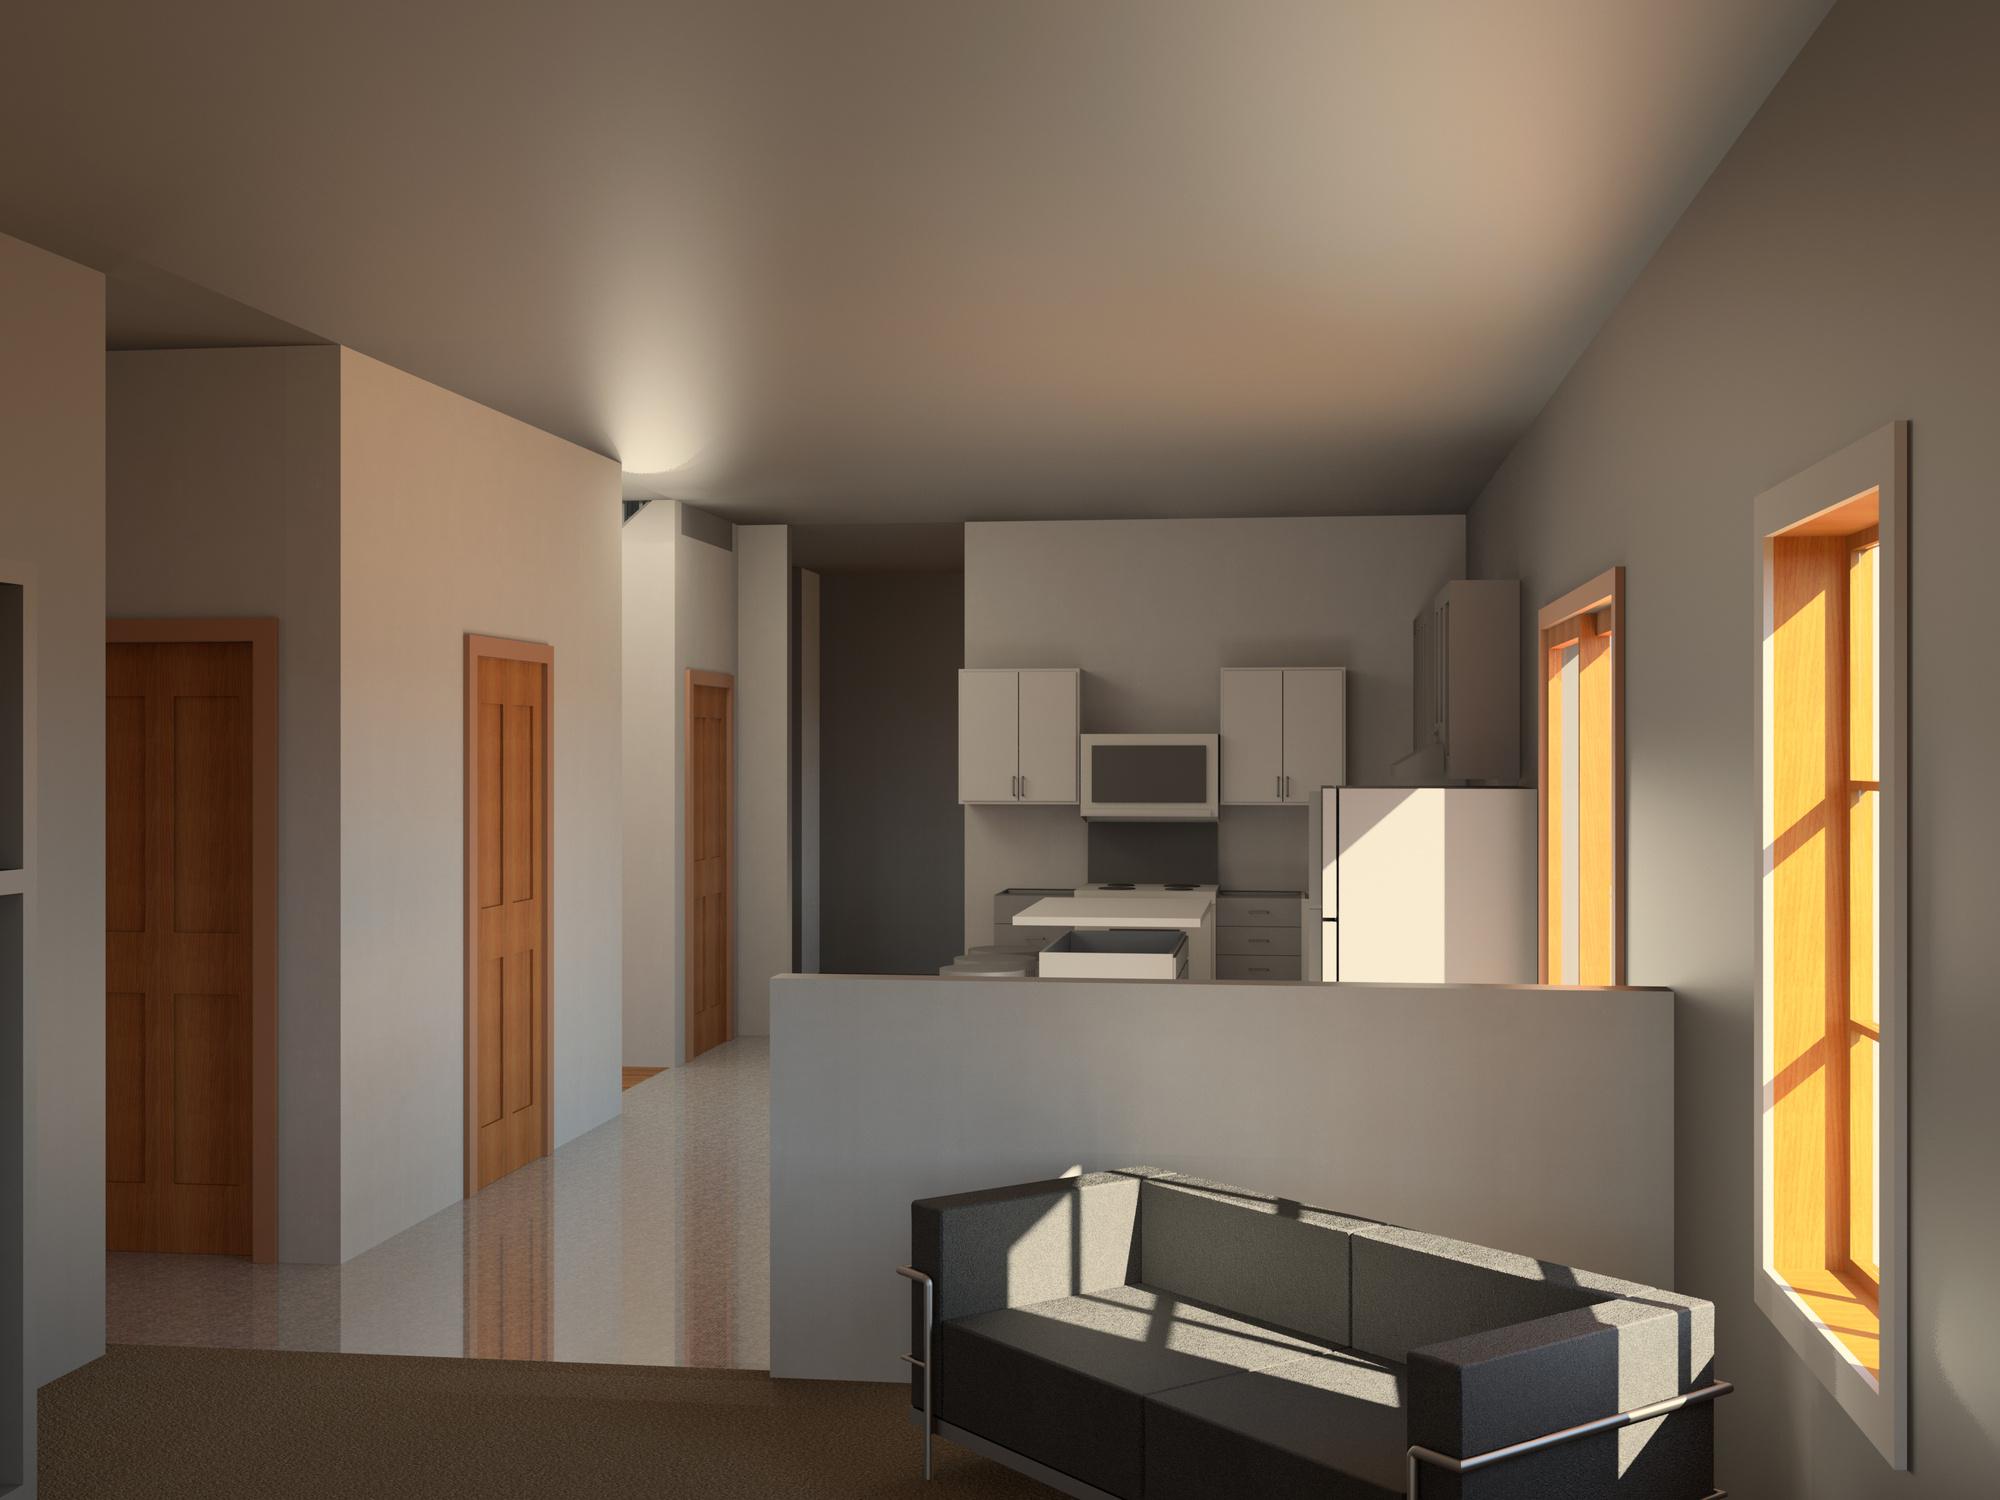 Raas-rendering20150311-32293-nwmfwn